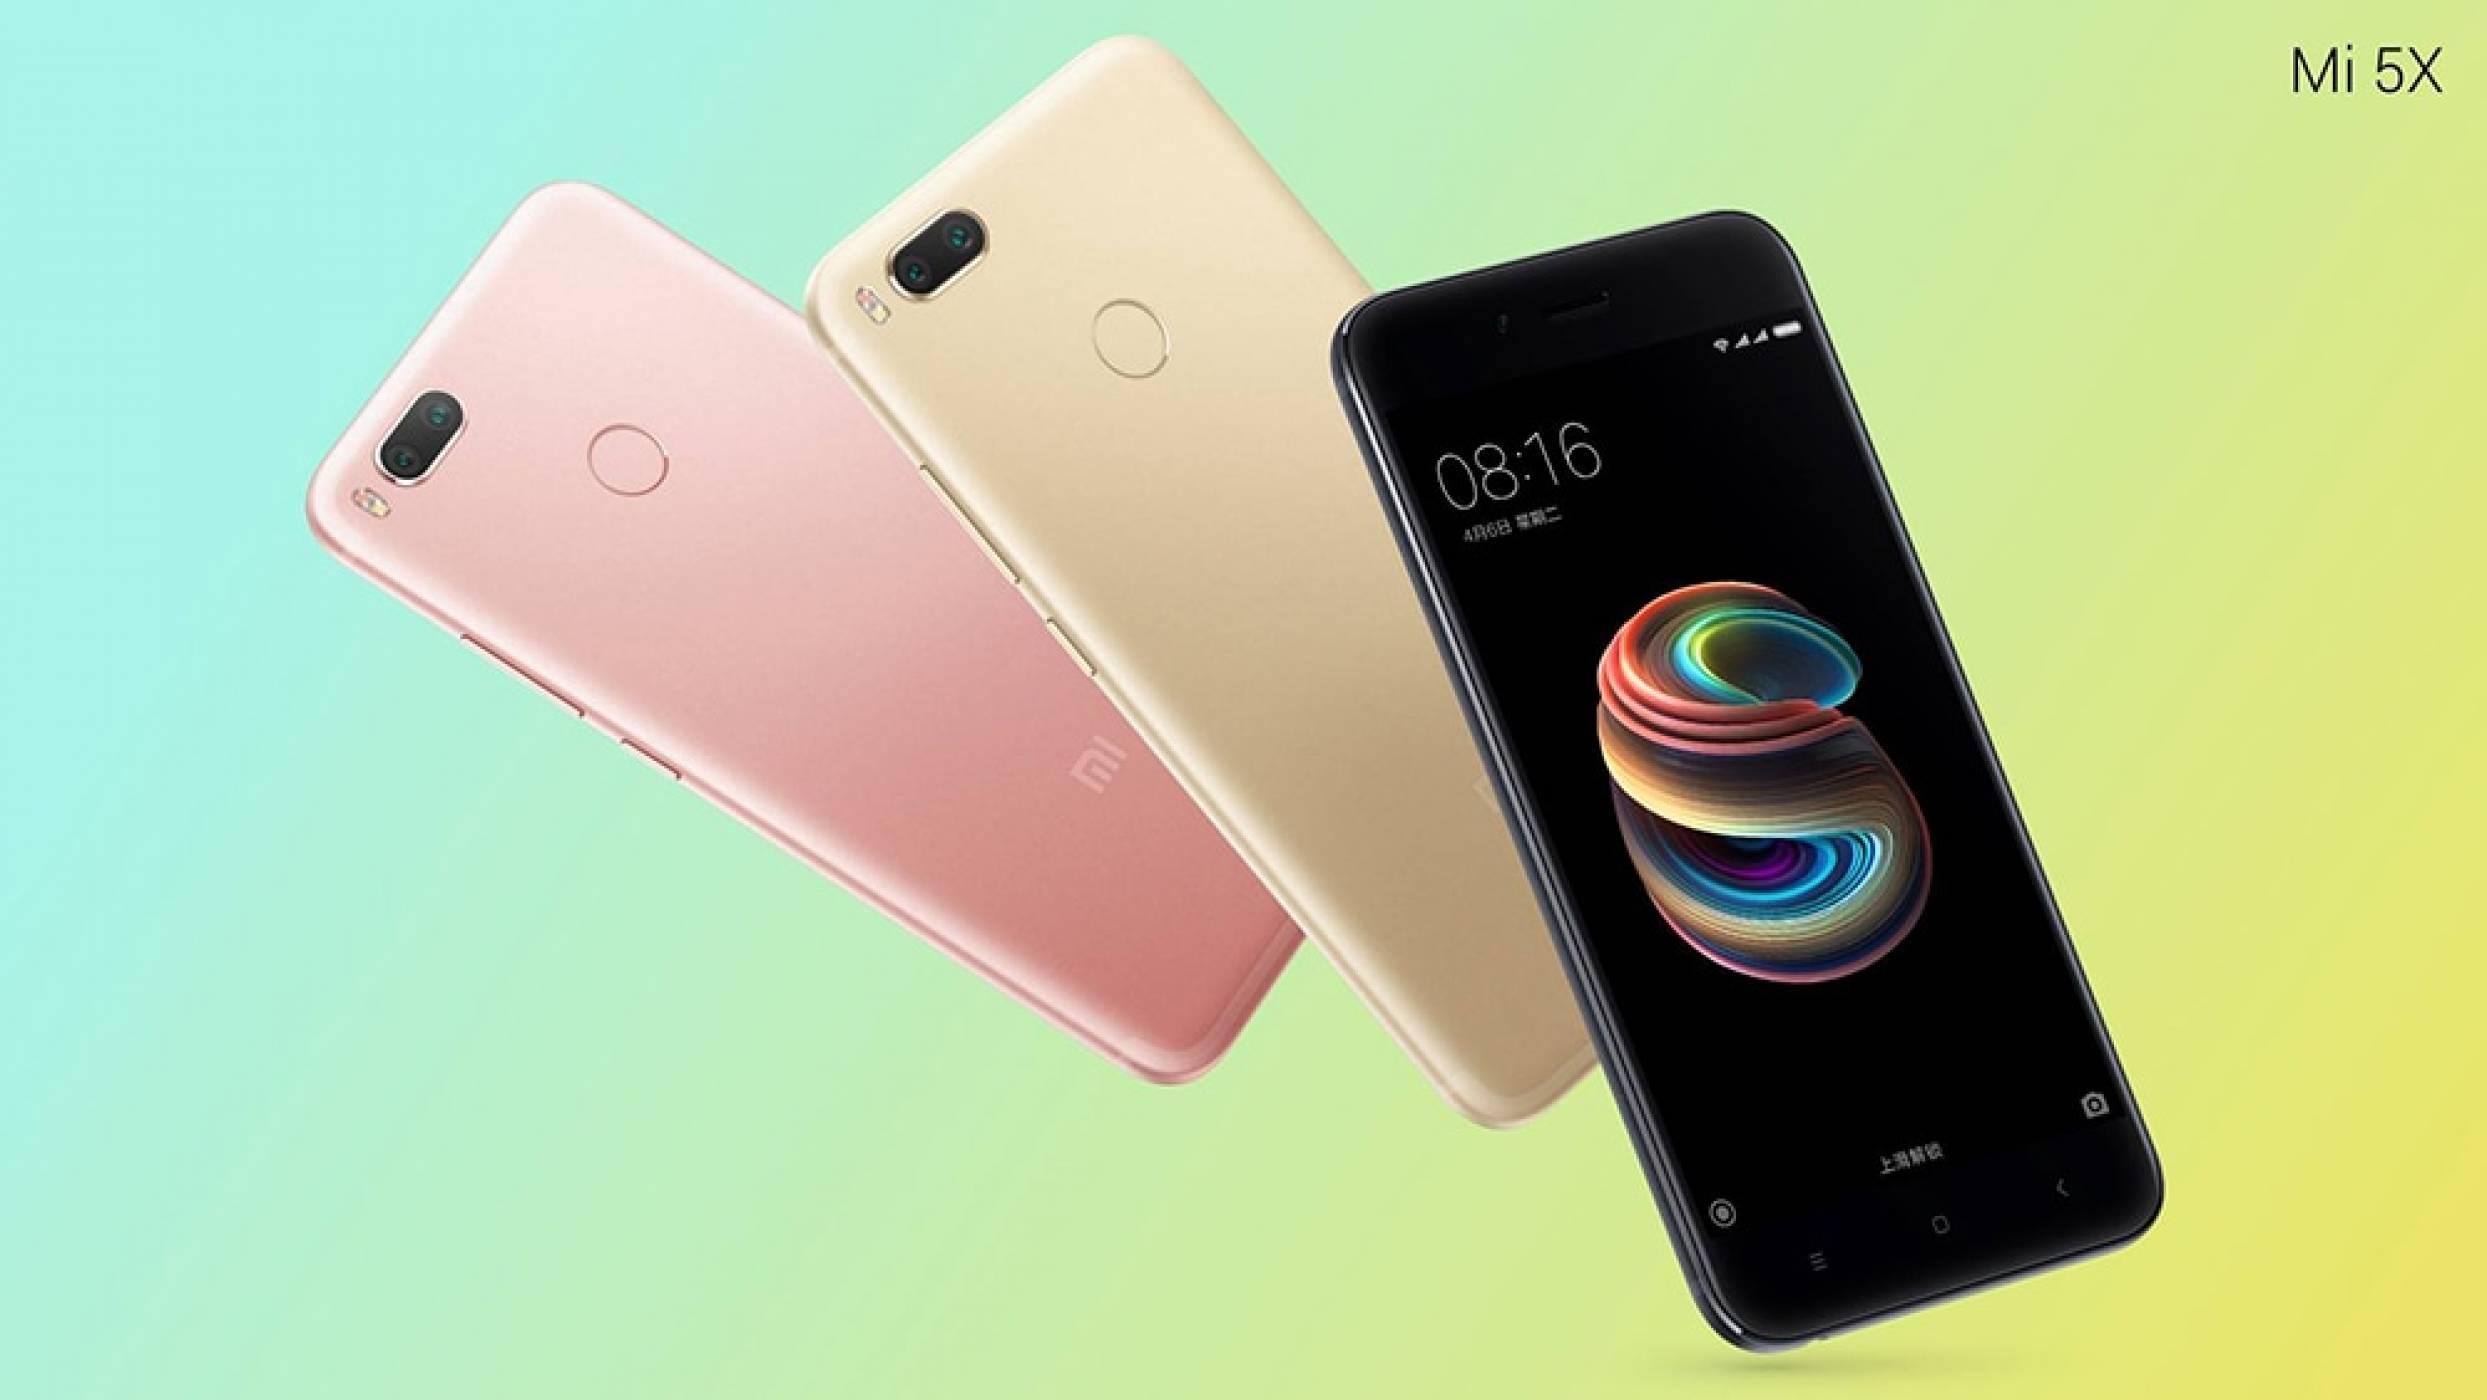 Xiaomi със скок от 88% в доставките на смартфони за първото тримесечие на годината